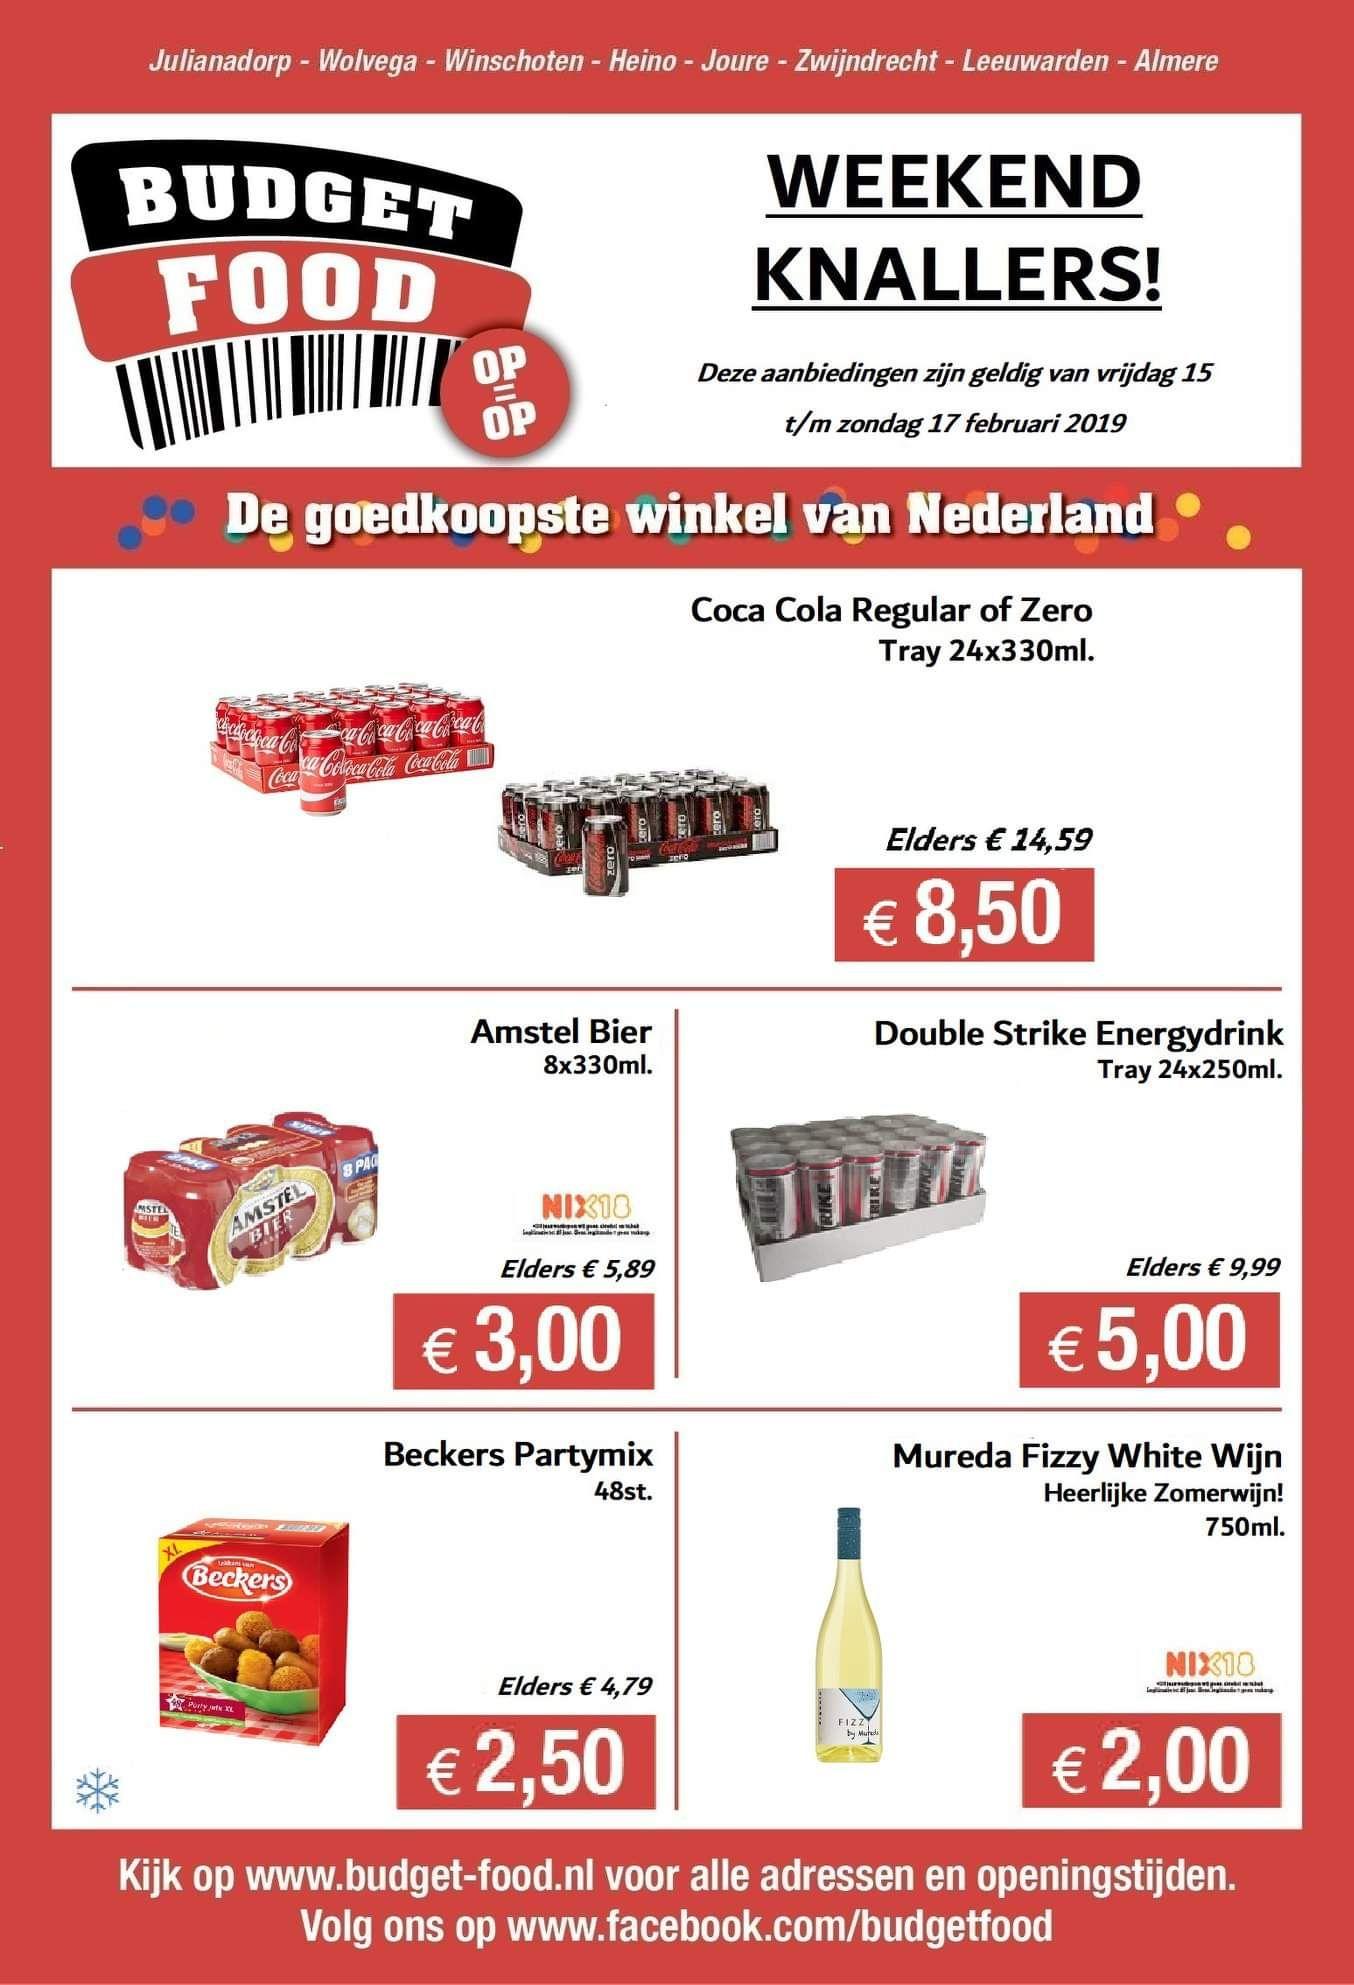 24 blikjes Coca Cola voor €8,50